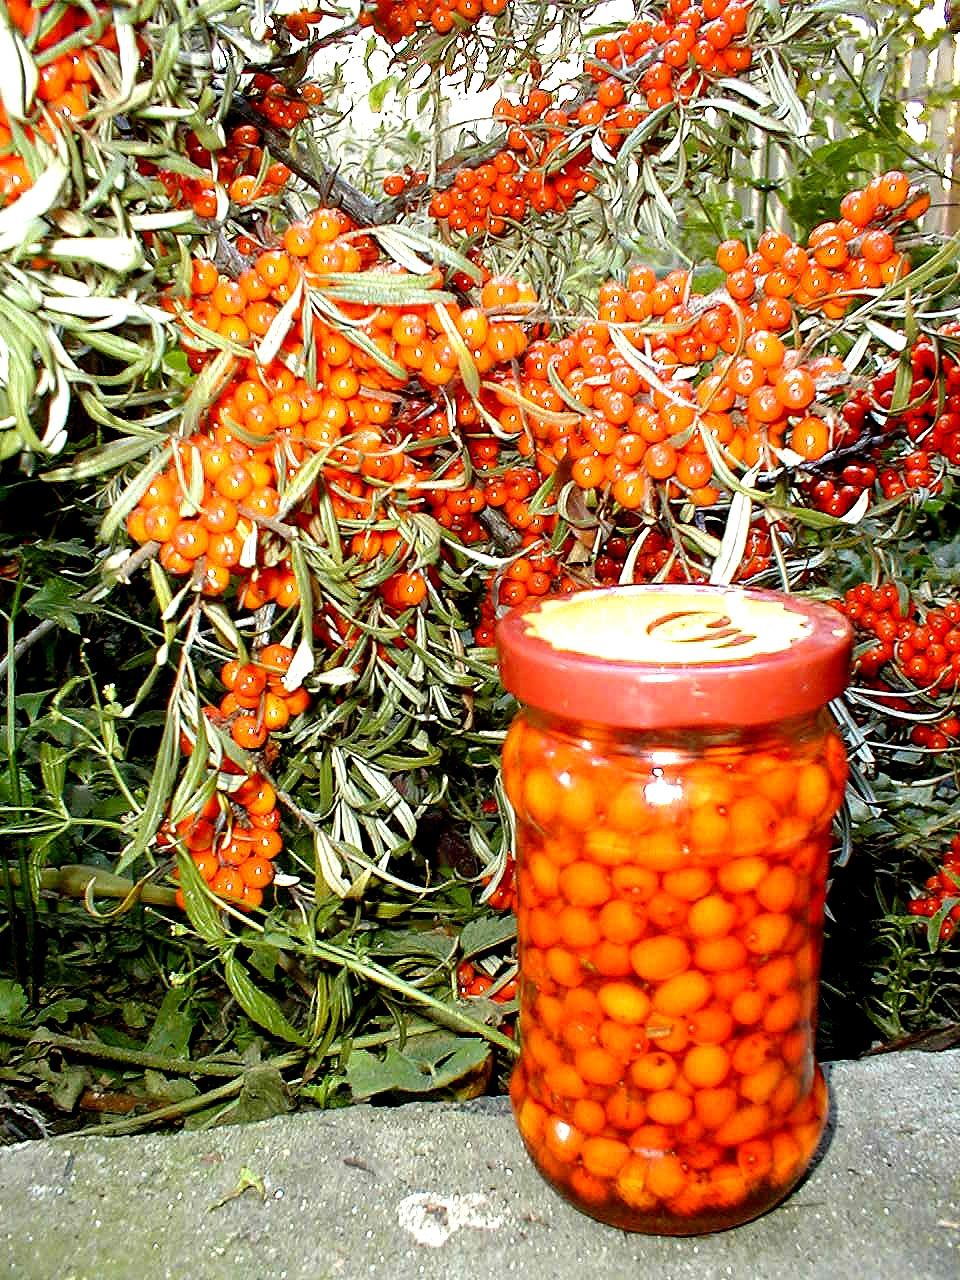 Catina - unde gasim catina, cum preparam fructele de catina?